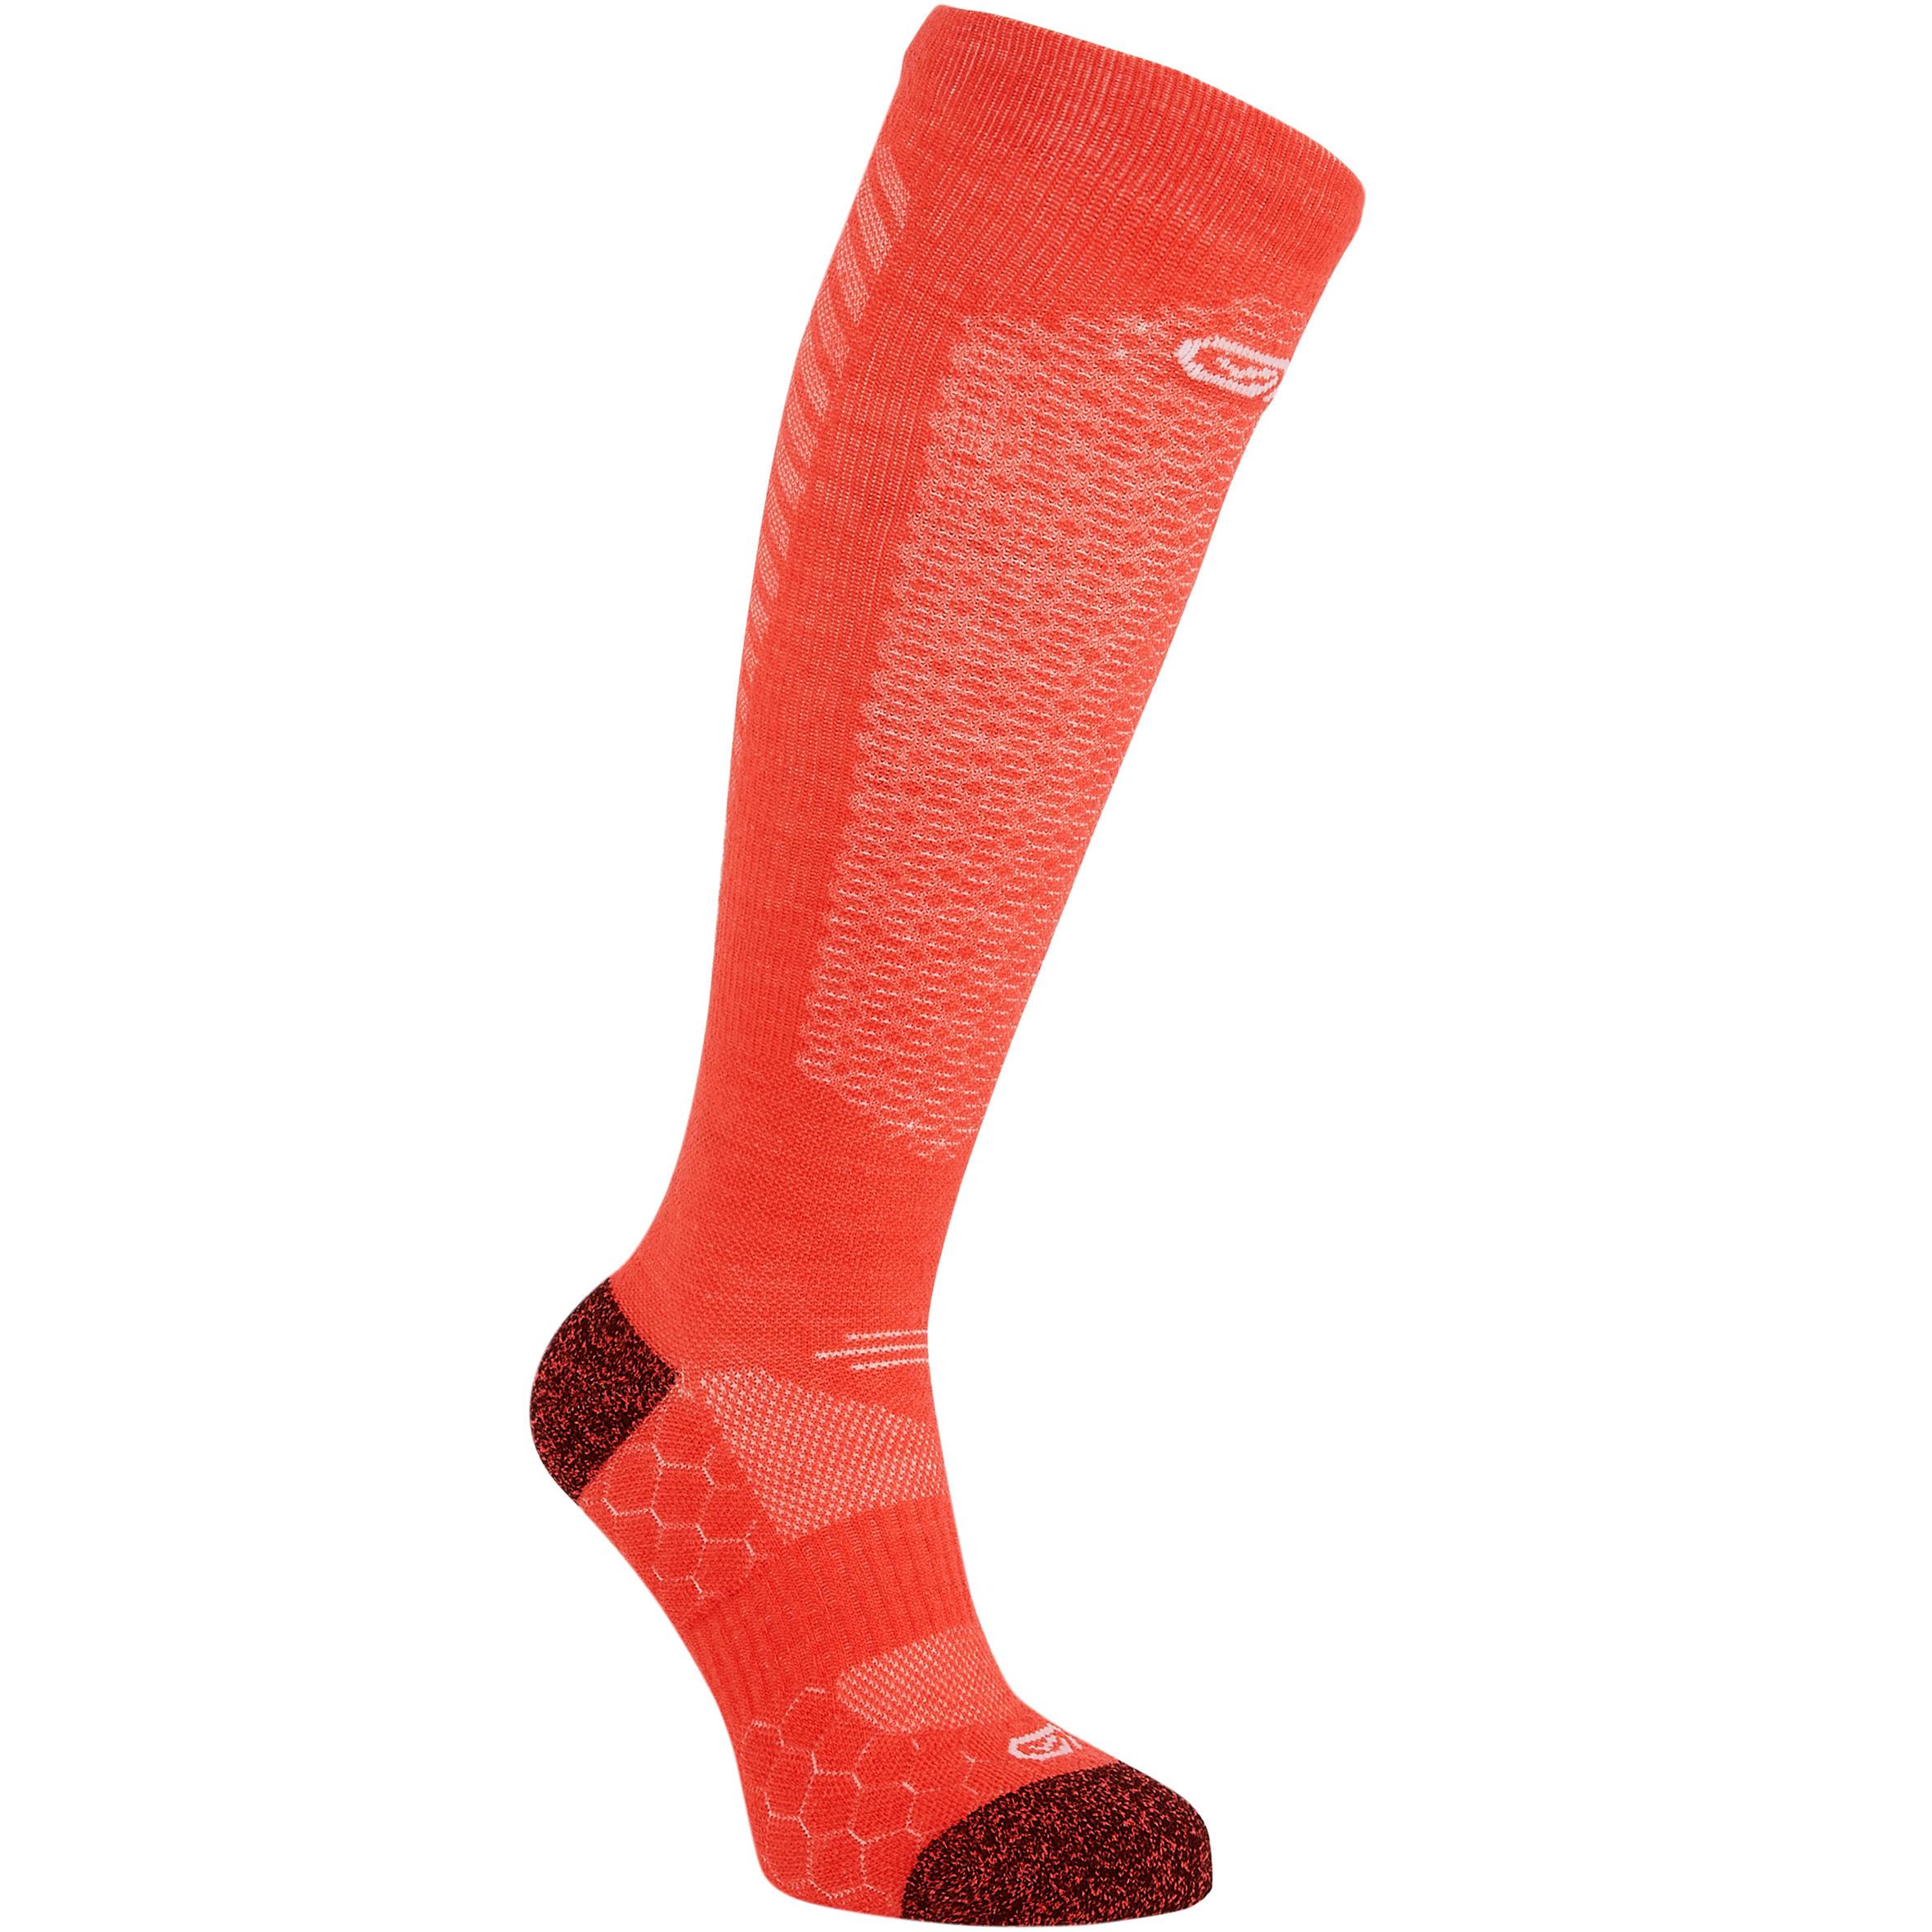 Laufsocken High warm Kiprun rosa | Sportbekleidung > Funktionswäsche > Sportsocken | Rot - Rosa | Kalenji